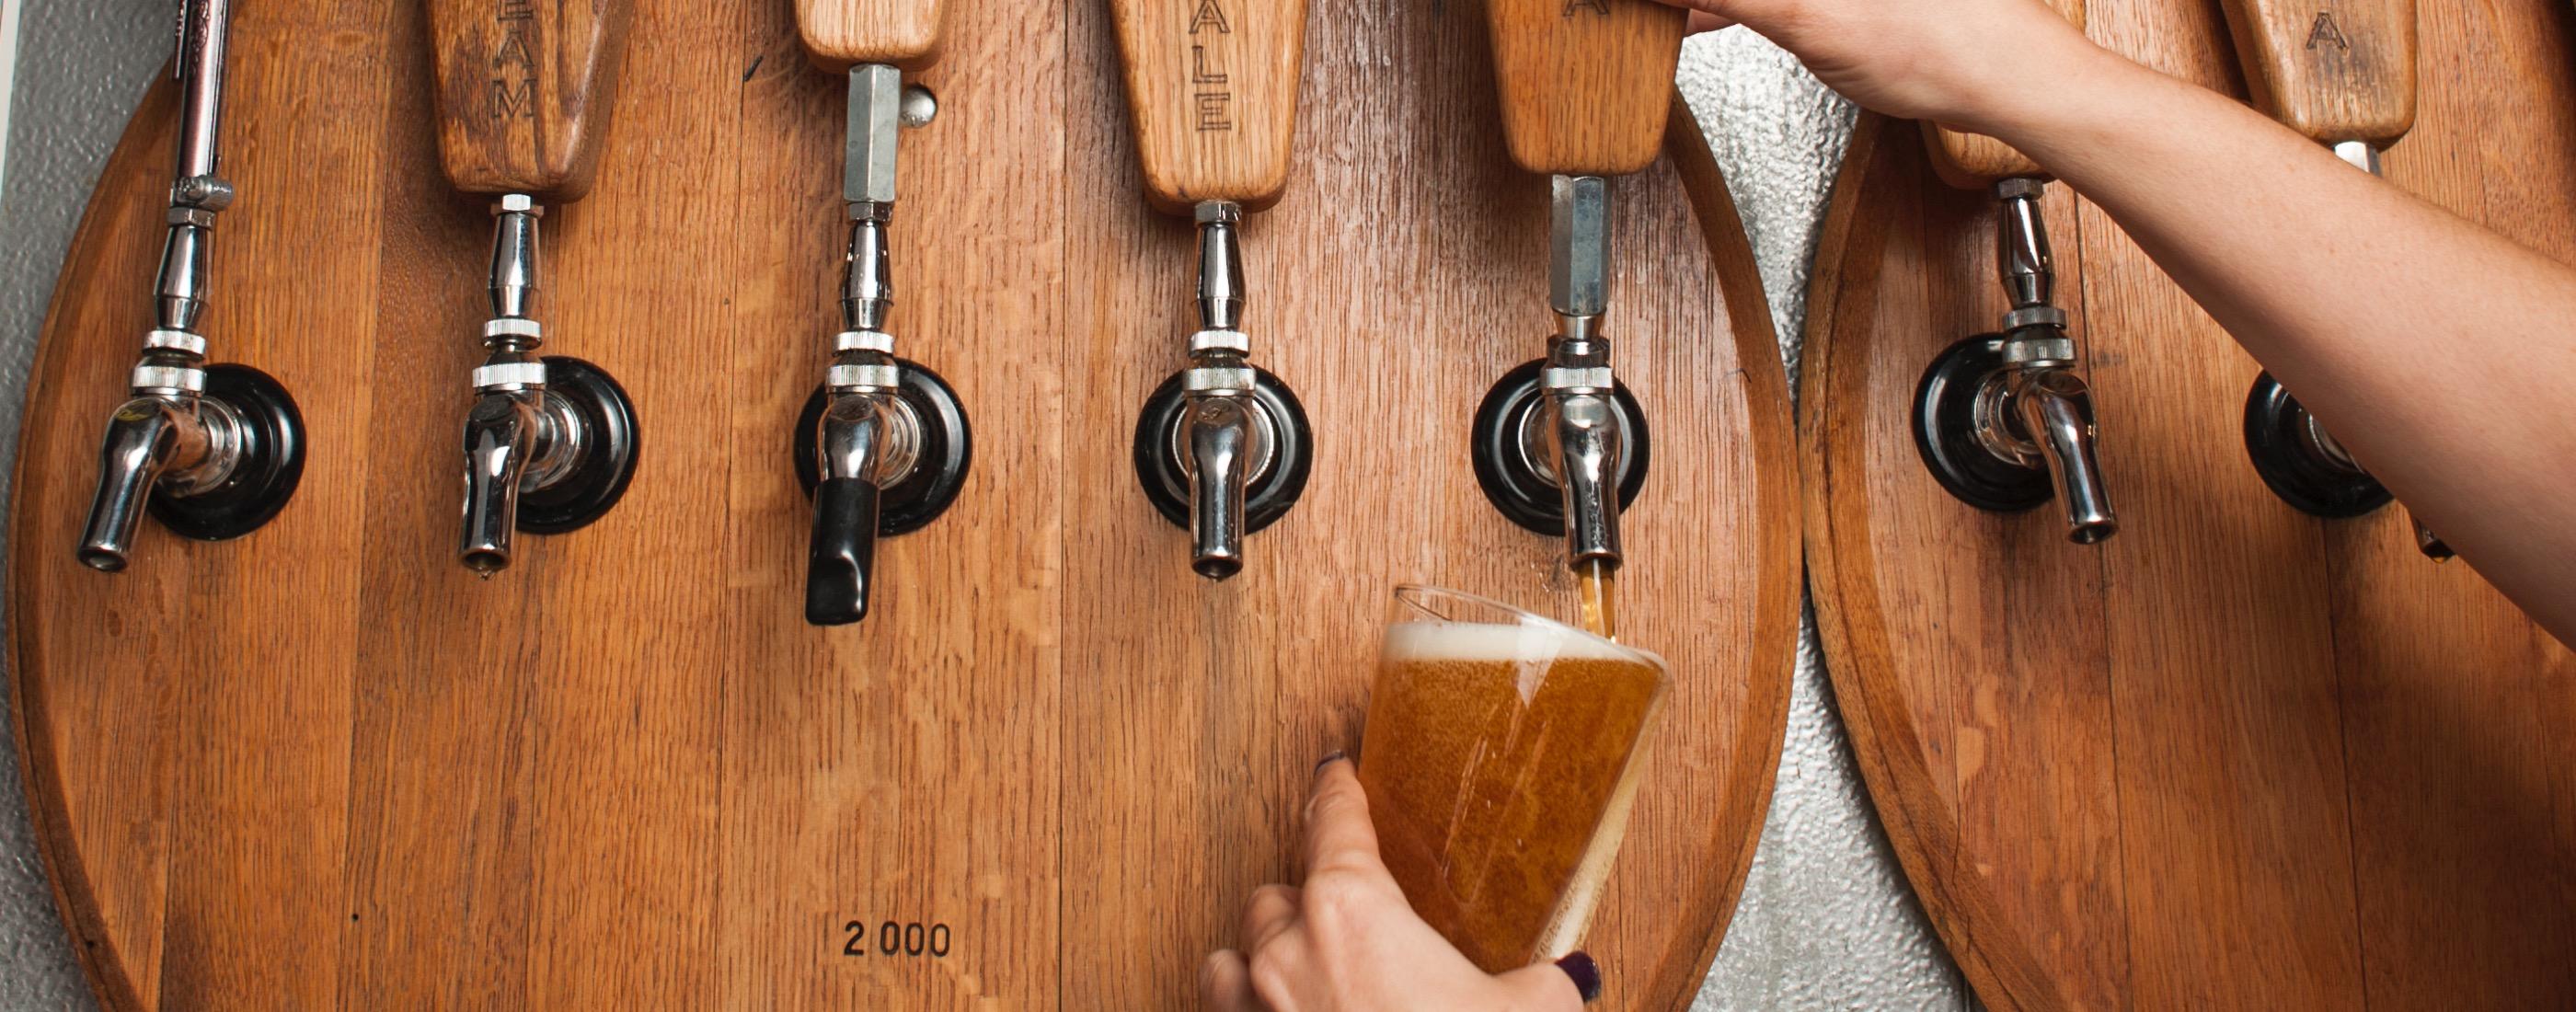 Bricktowne Brewery